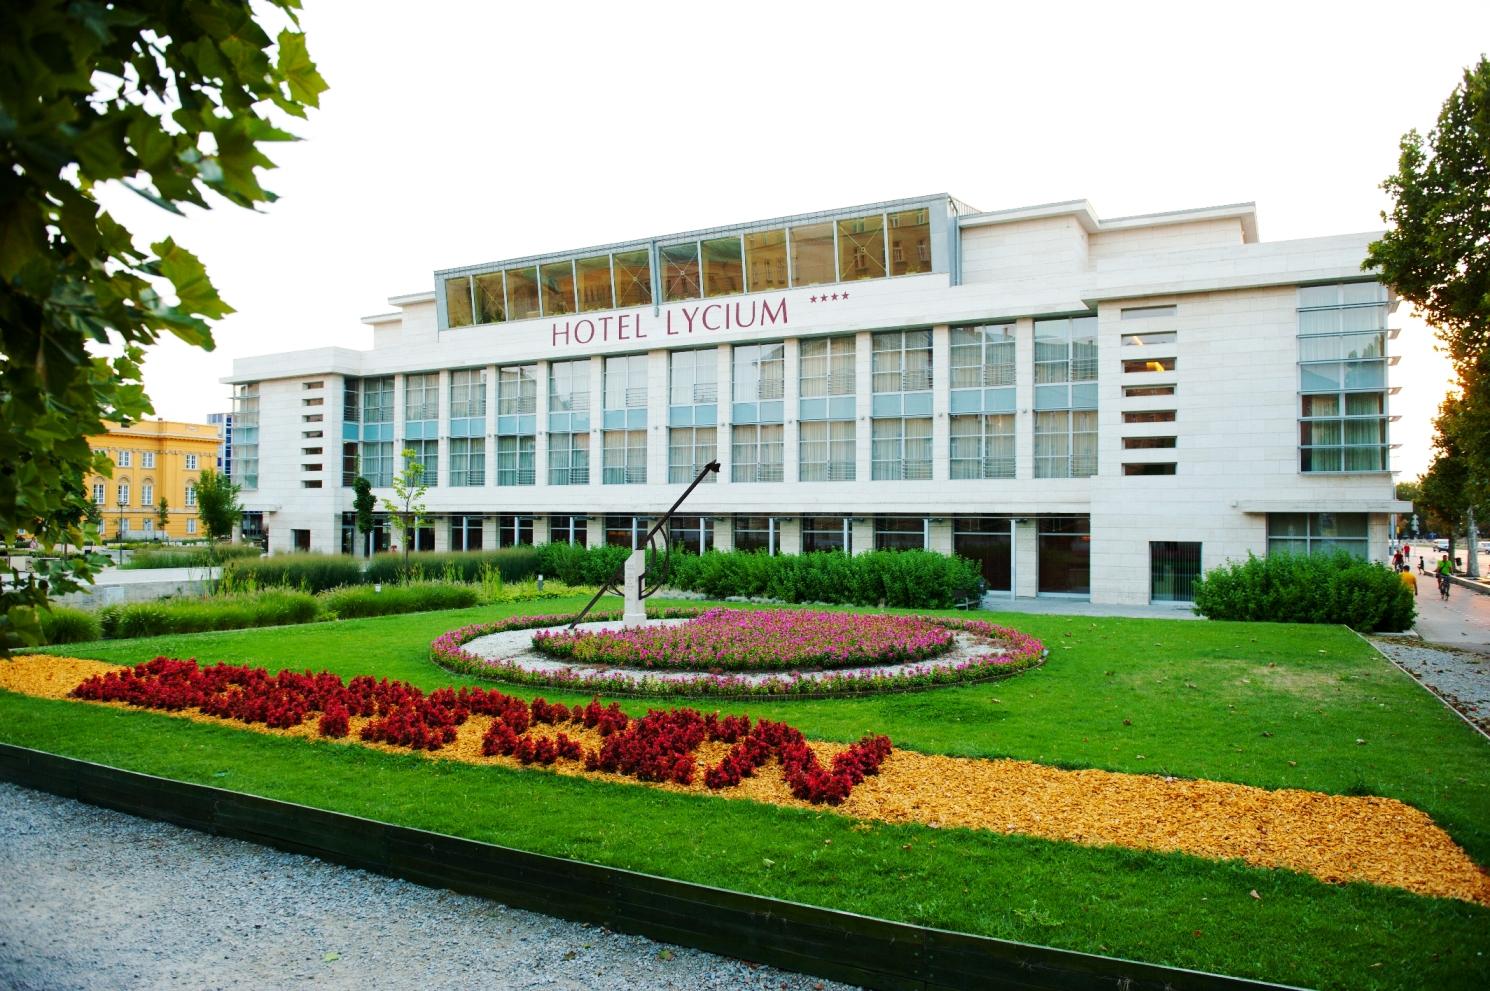 Hotel Lycium, Debrecen